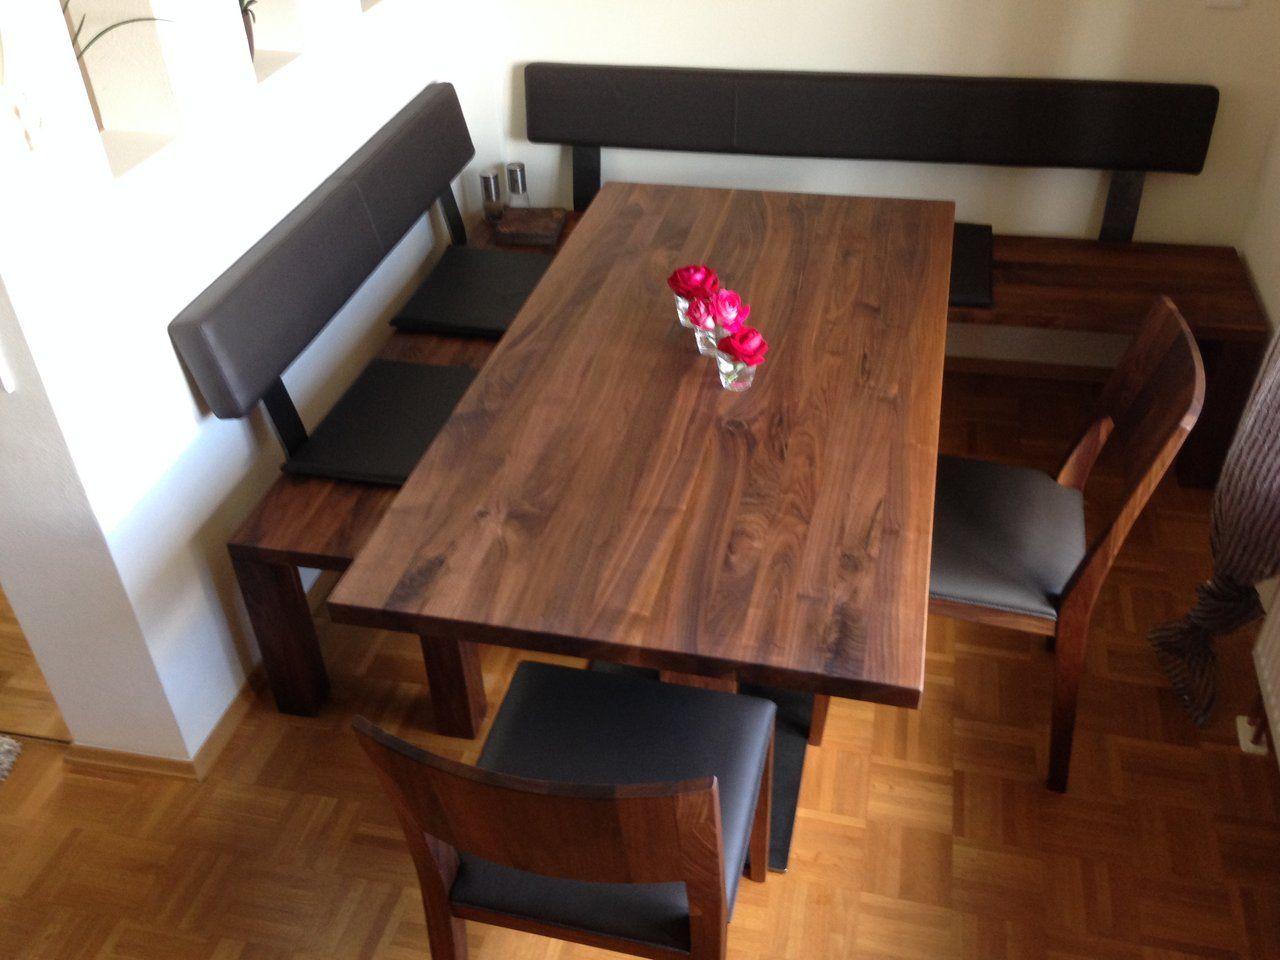 Amerikanischer nussbaum massiv eckbank tisch und st hle for Tisch und stuhle esszimmer